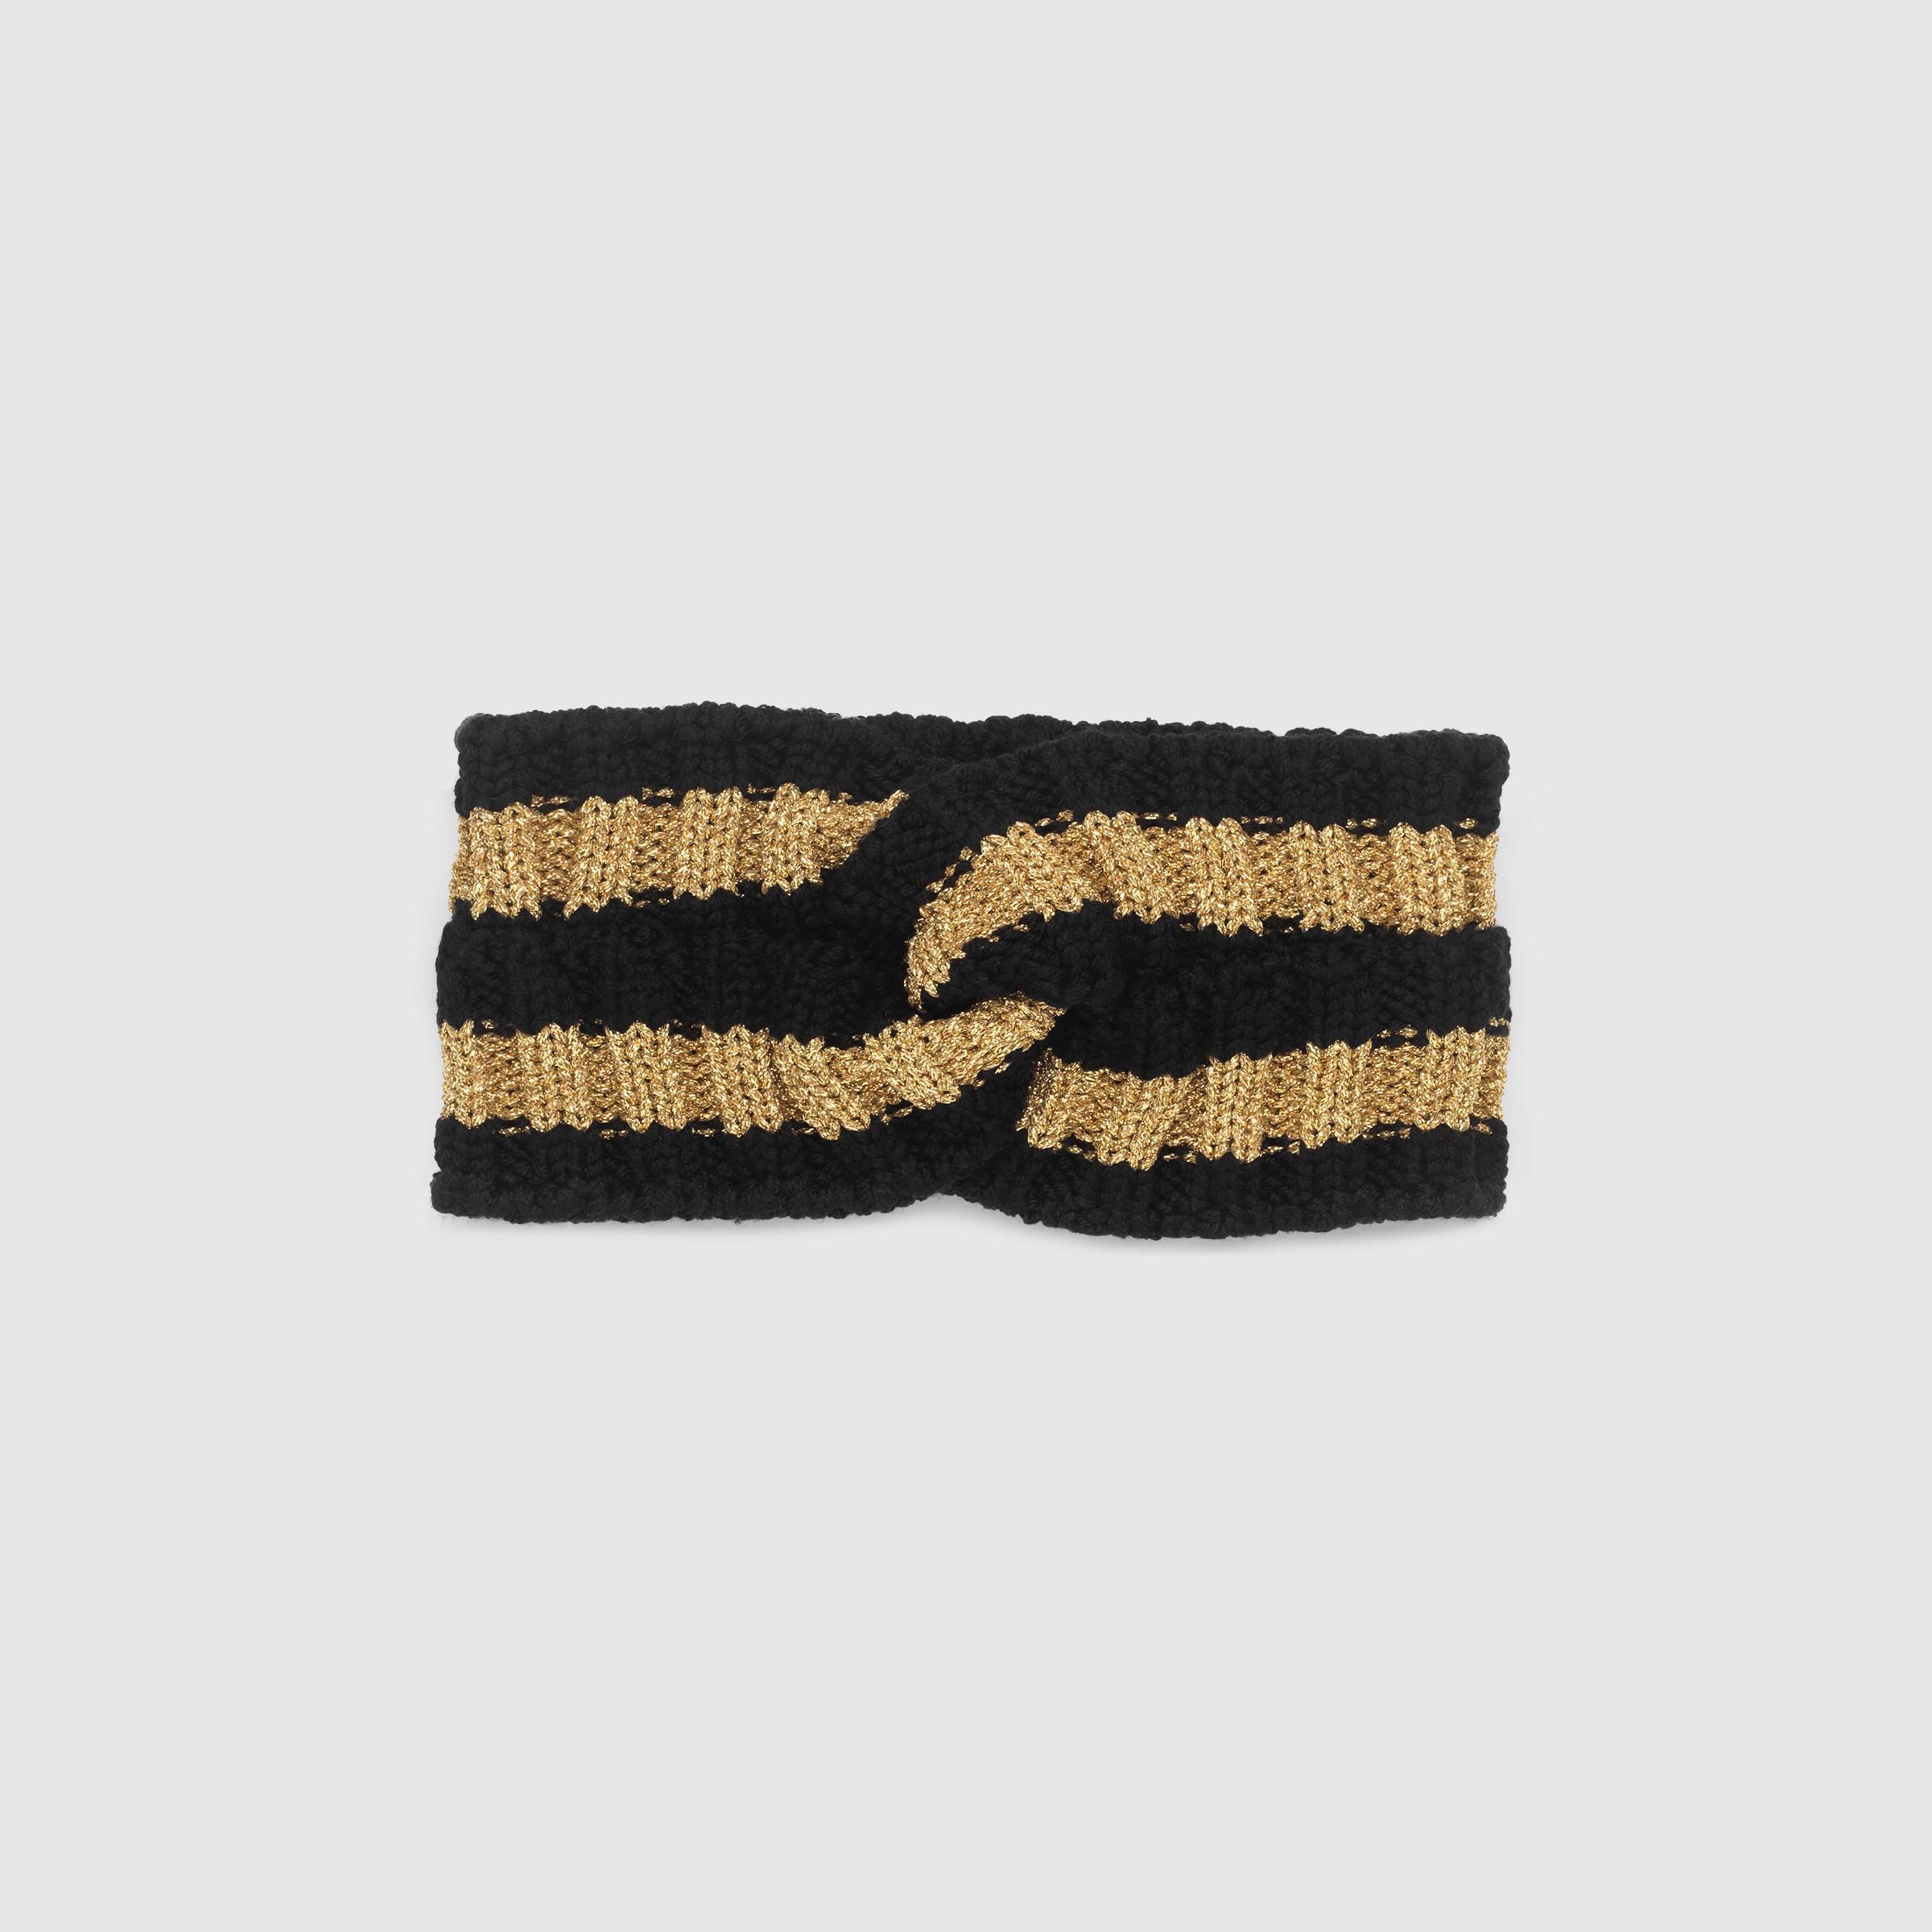 Gucci Wool Lurex Headband in Black   Lyst